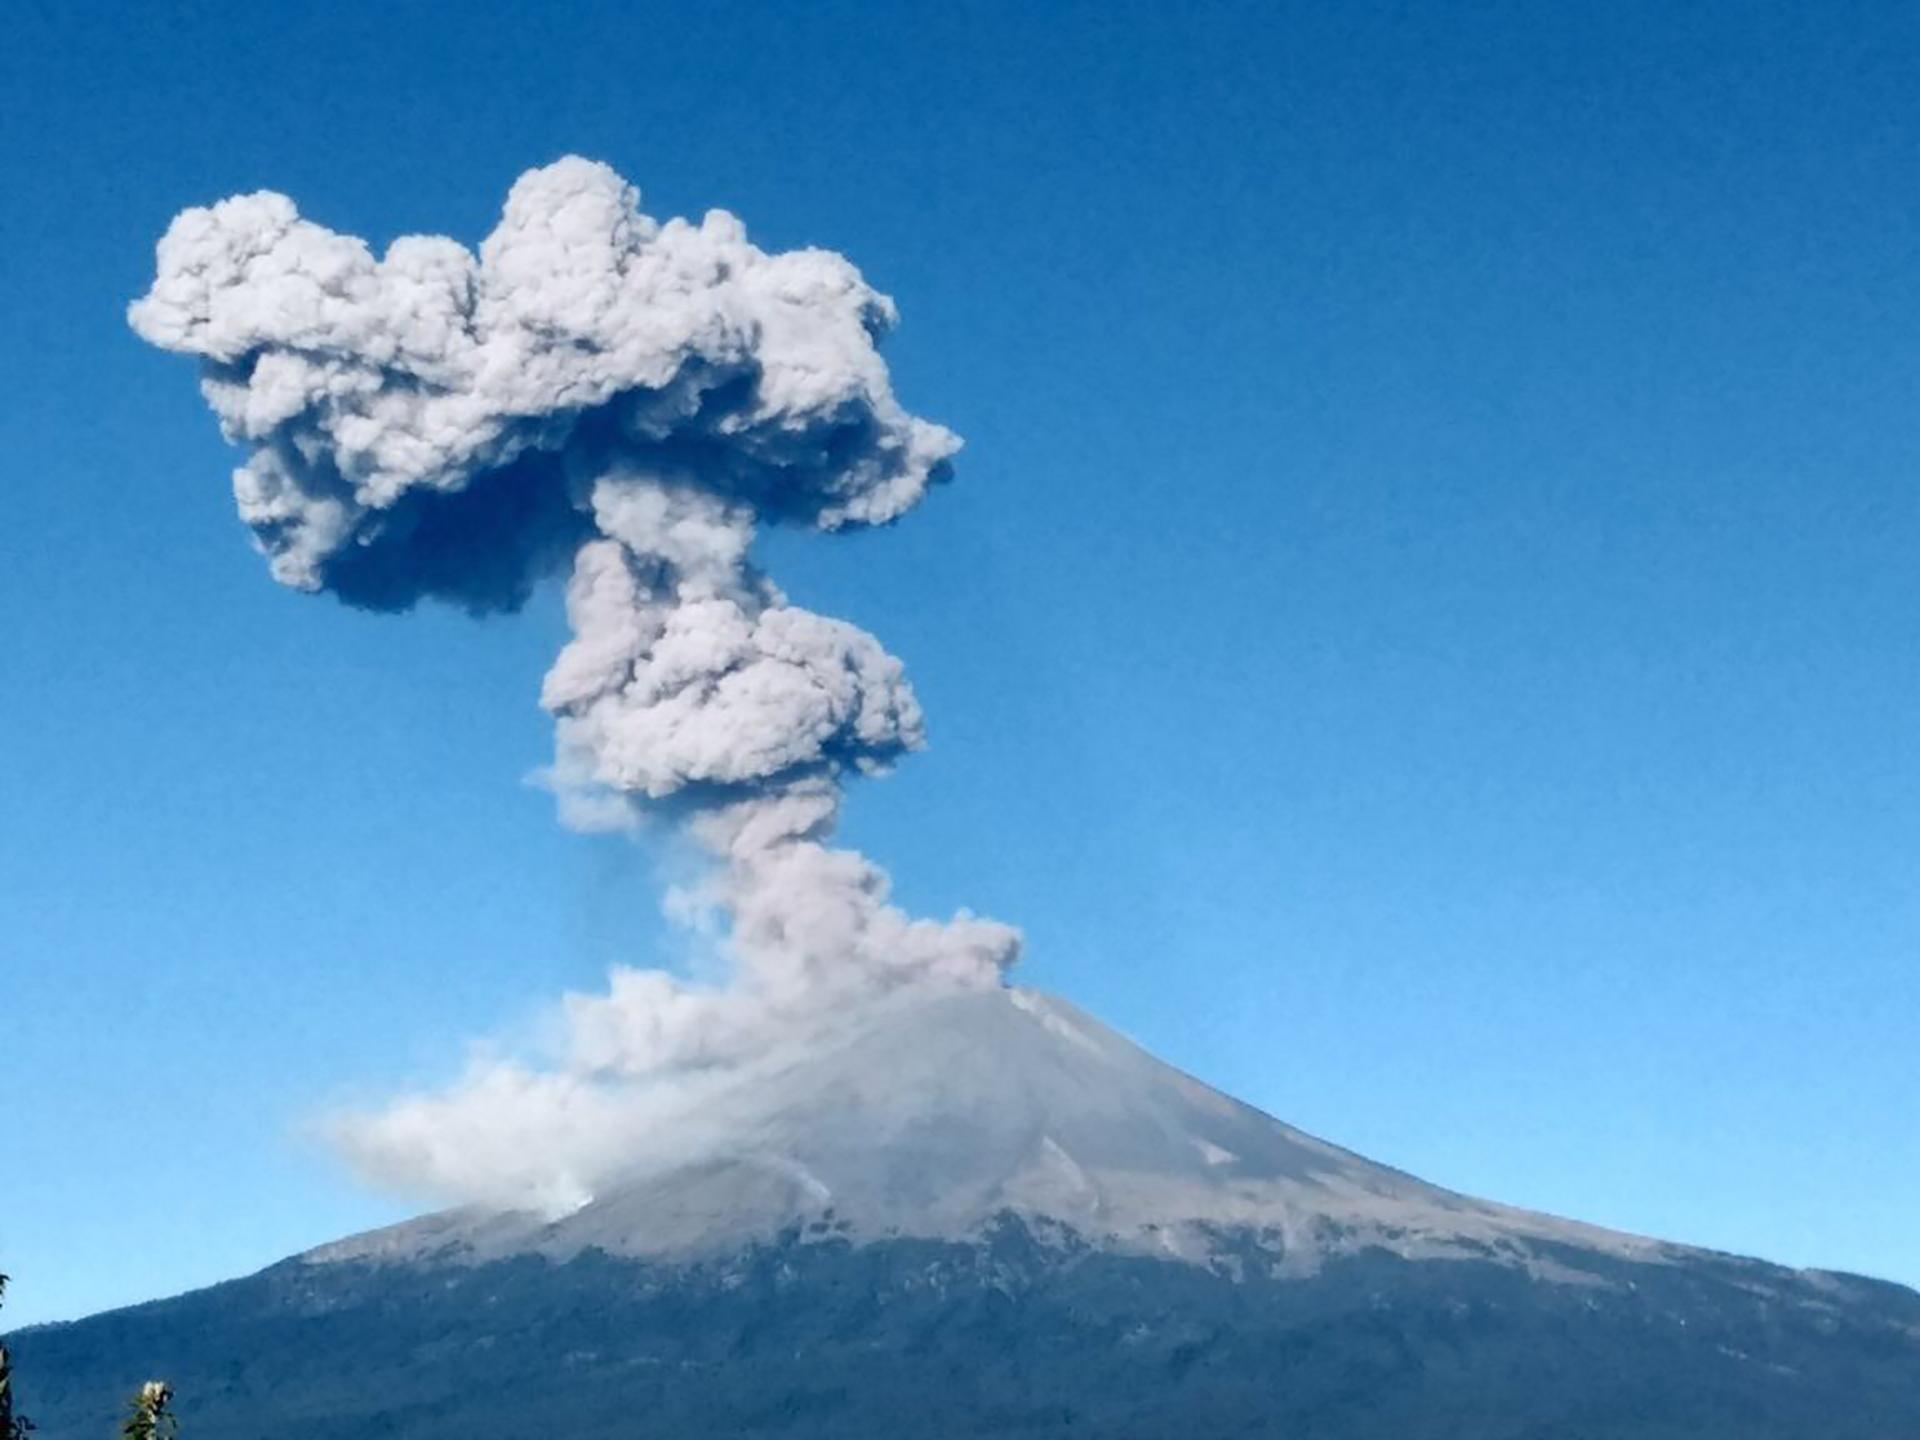 El volcán Popocatepetl, ubicado a 72 km de la Ciudad de México, ha venido registrando numerosas exhalaciones de baja intensidad desde fines de septiembre.